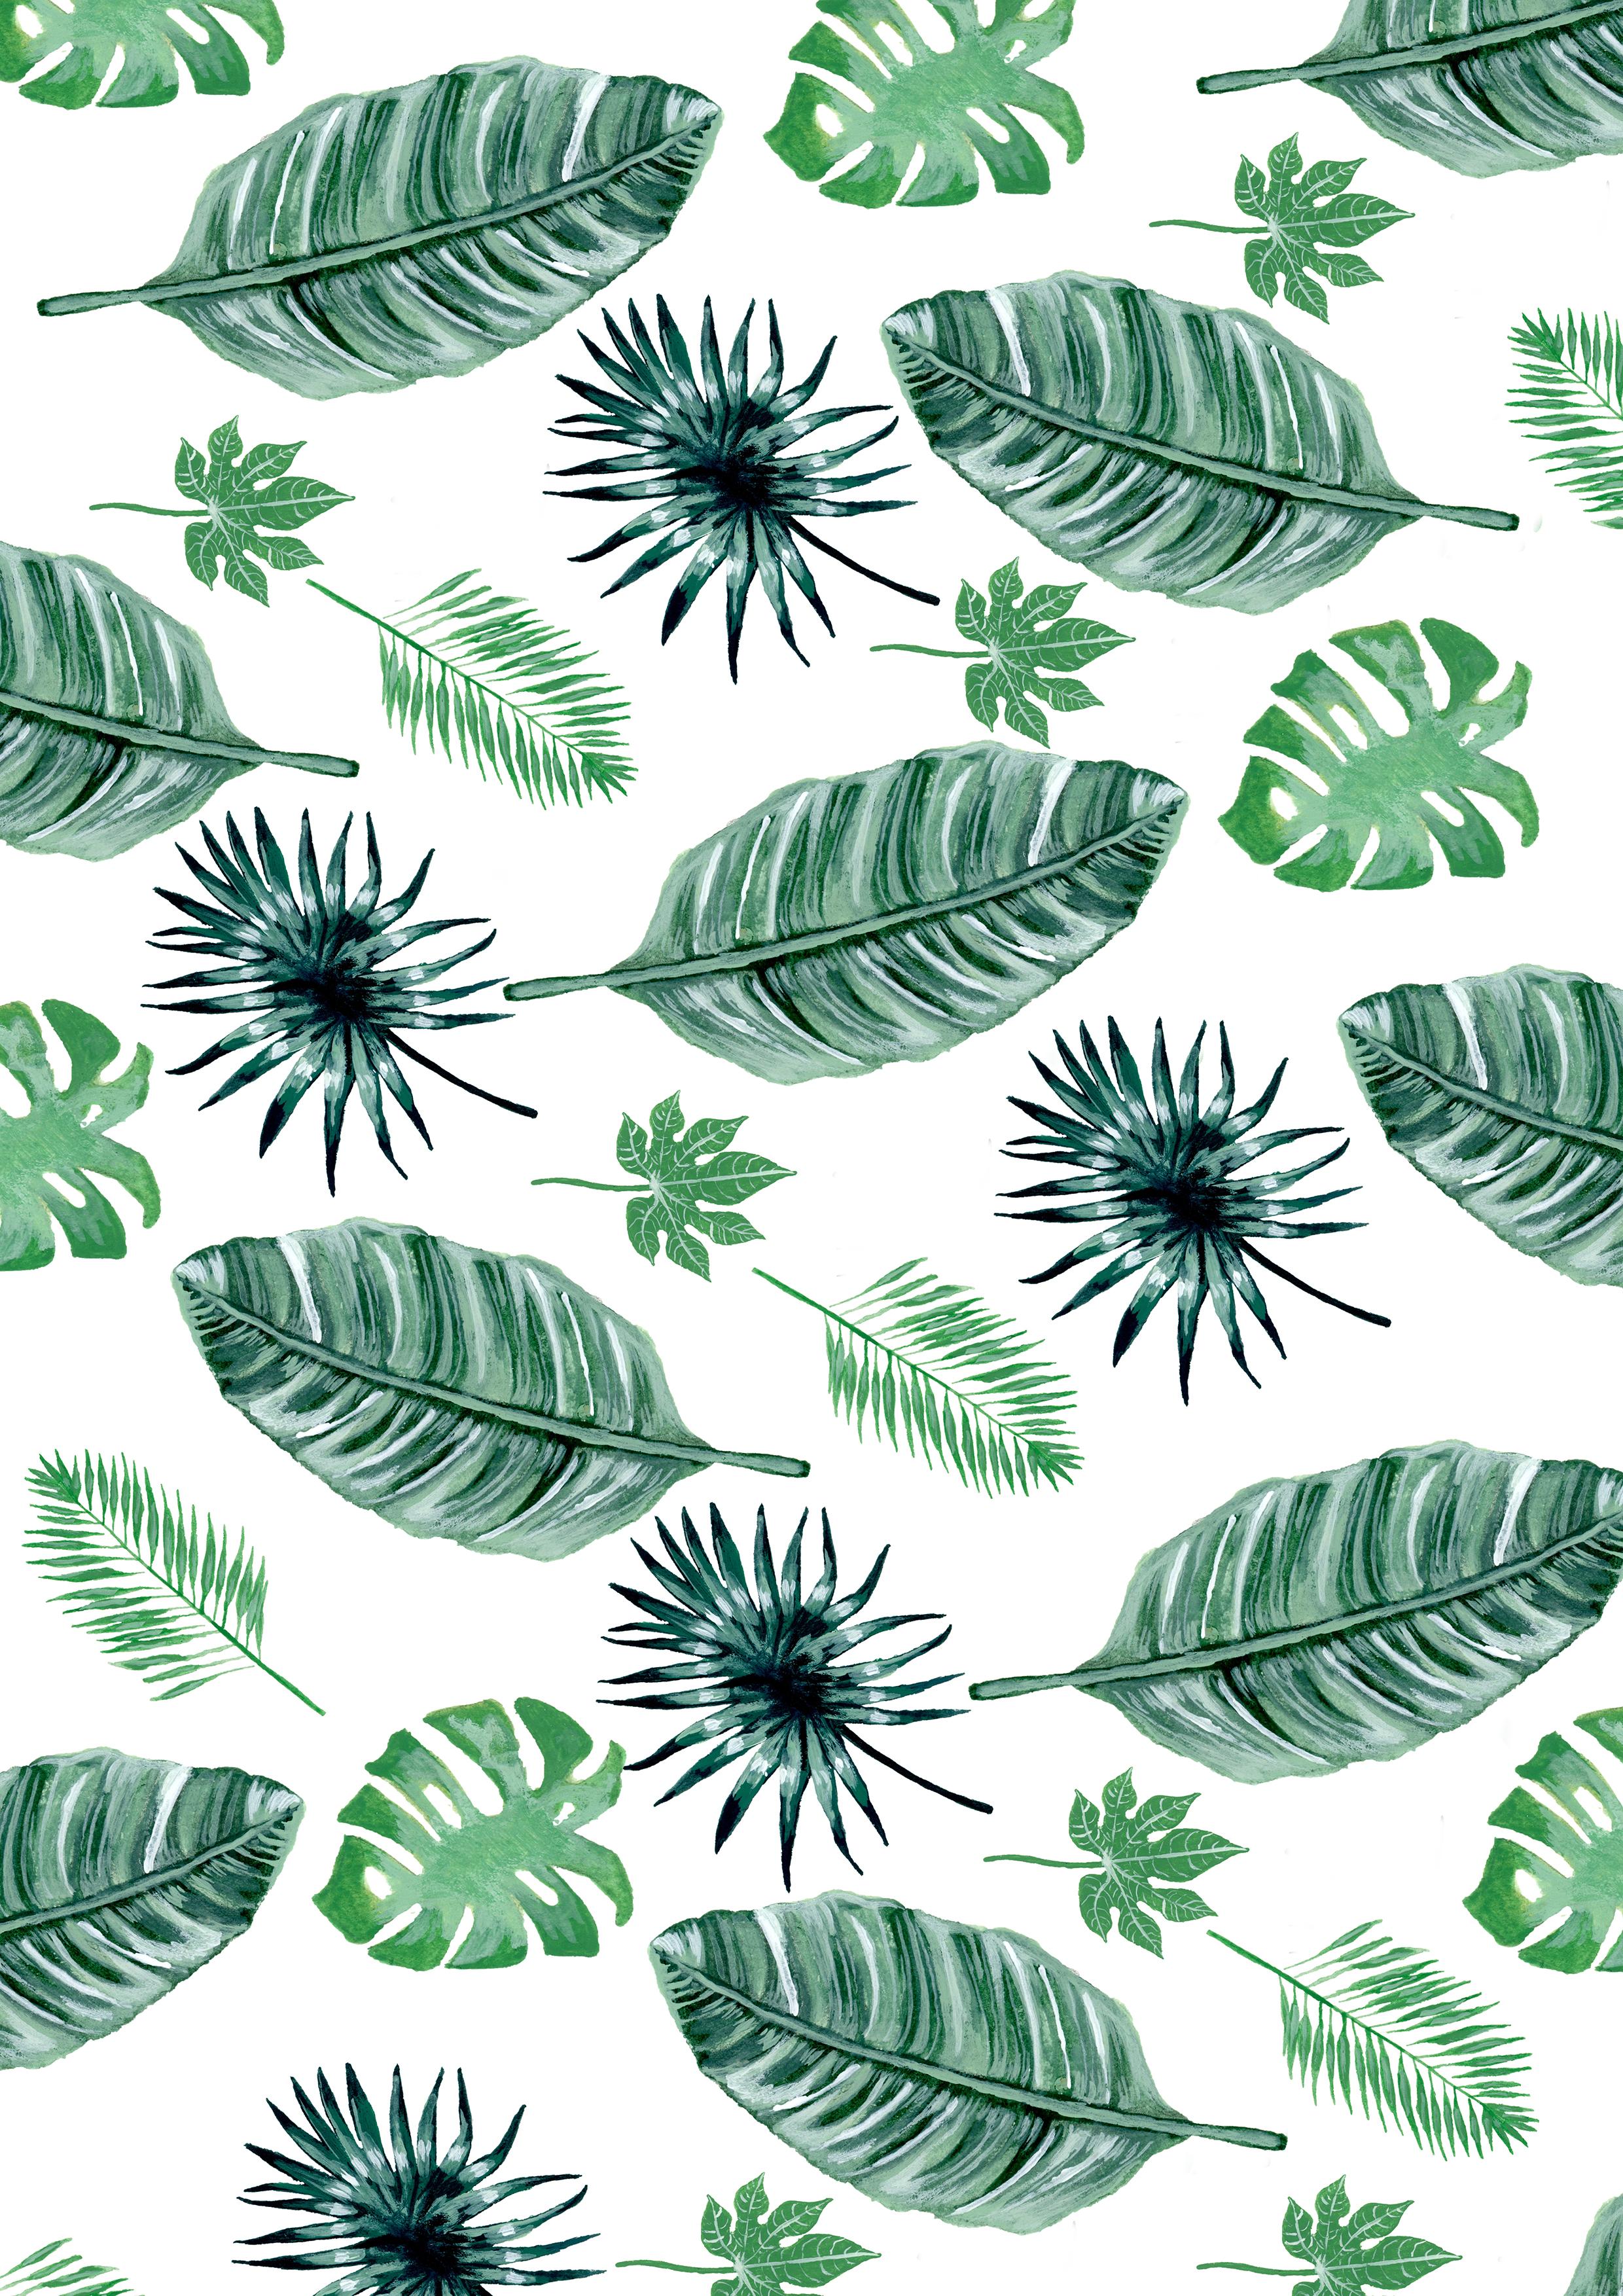 Tropical leaf pattern 300px.jpg